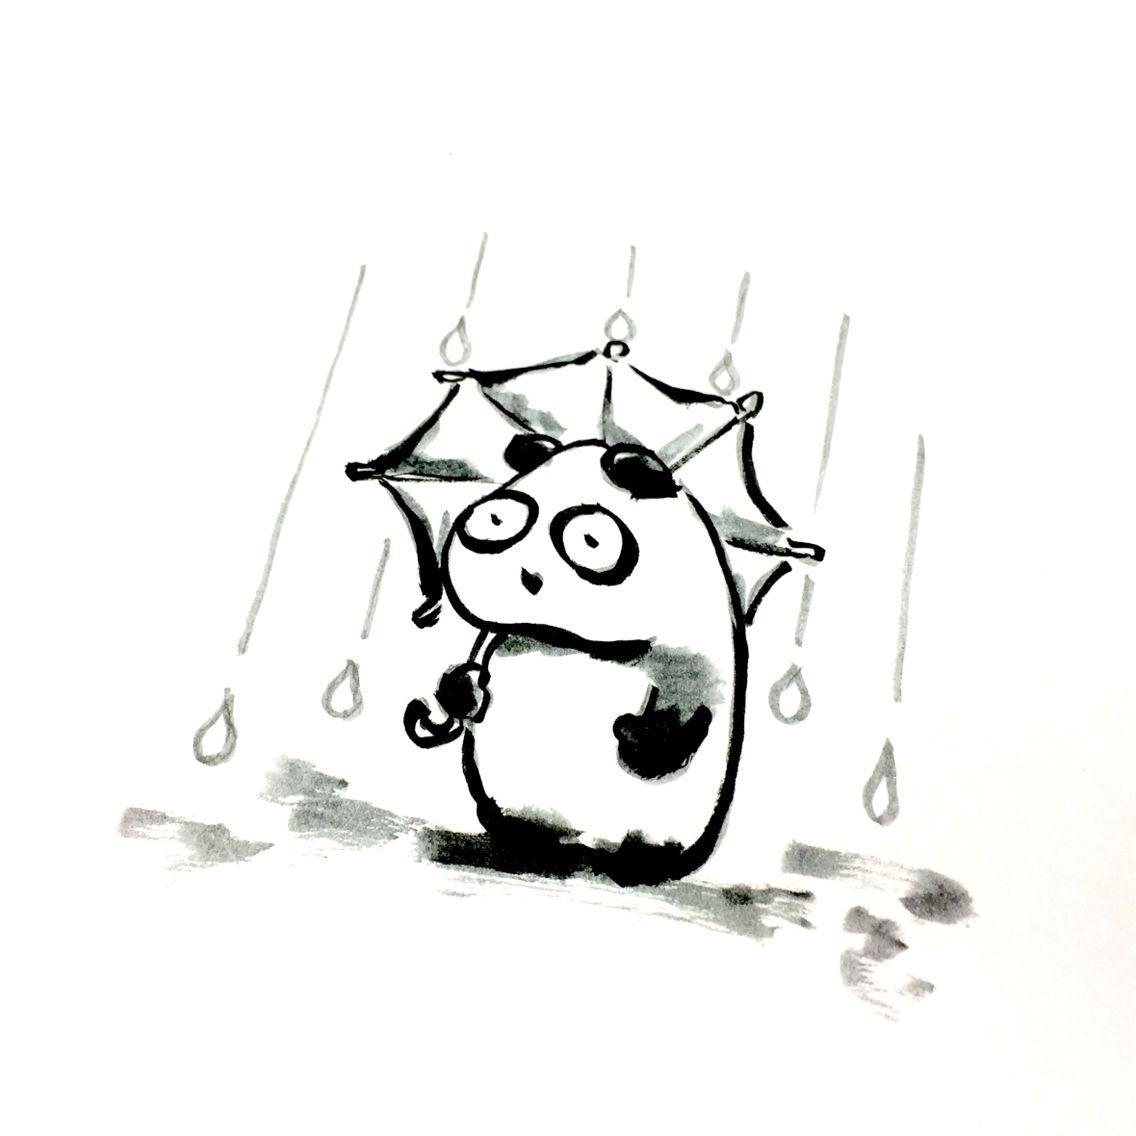 【一日一大熊猫】2015.11.18 よく雨が降るね。 #パンダ #雨 #11月の雨